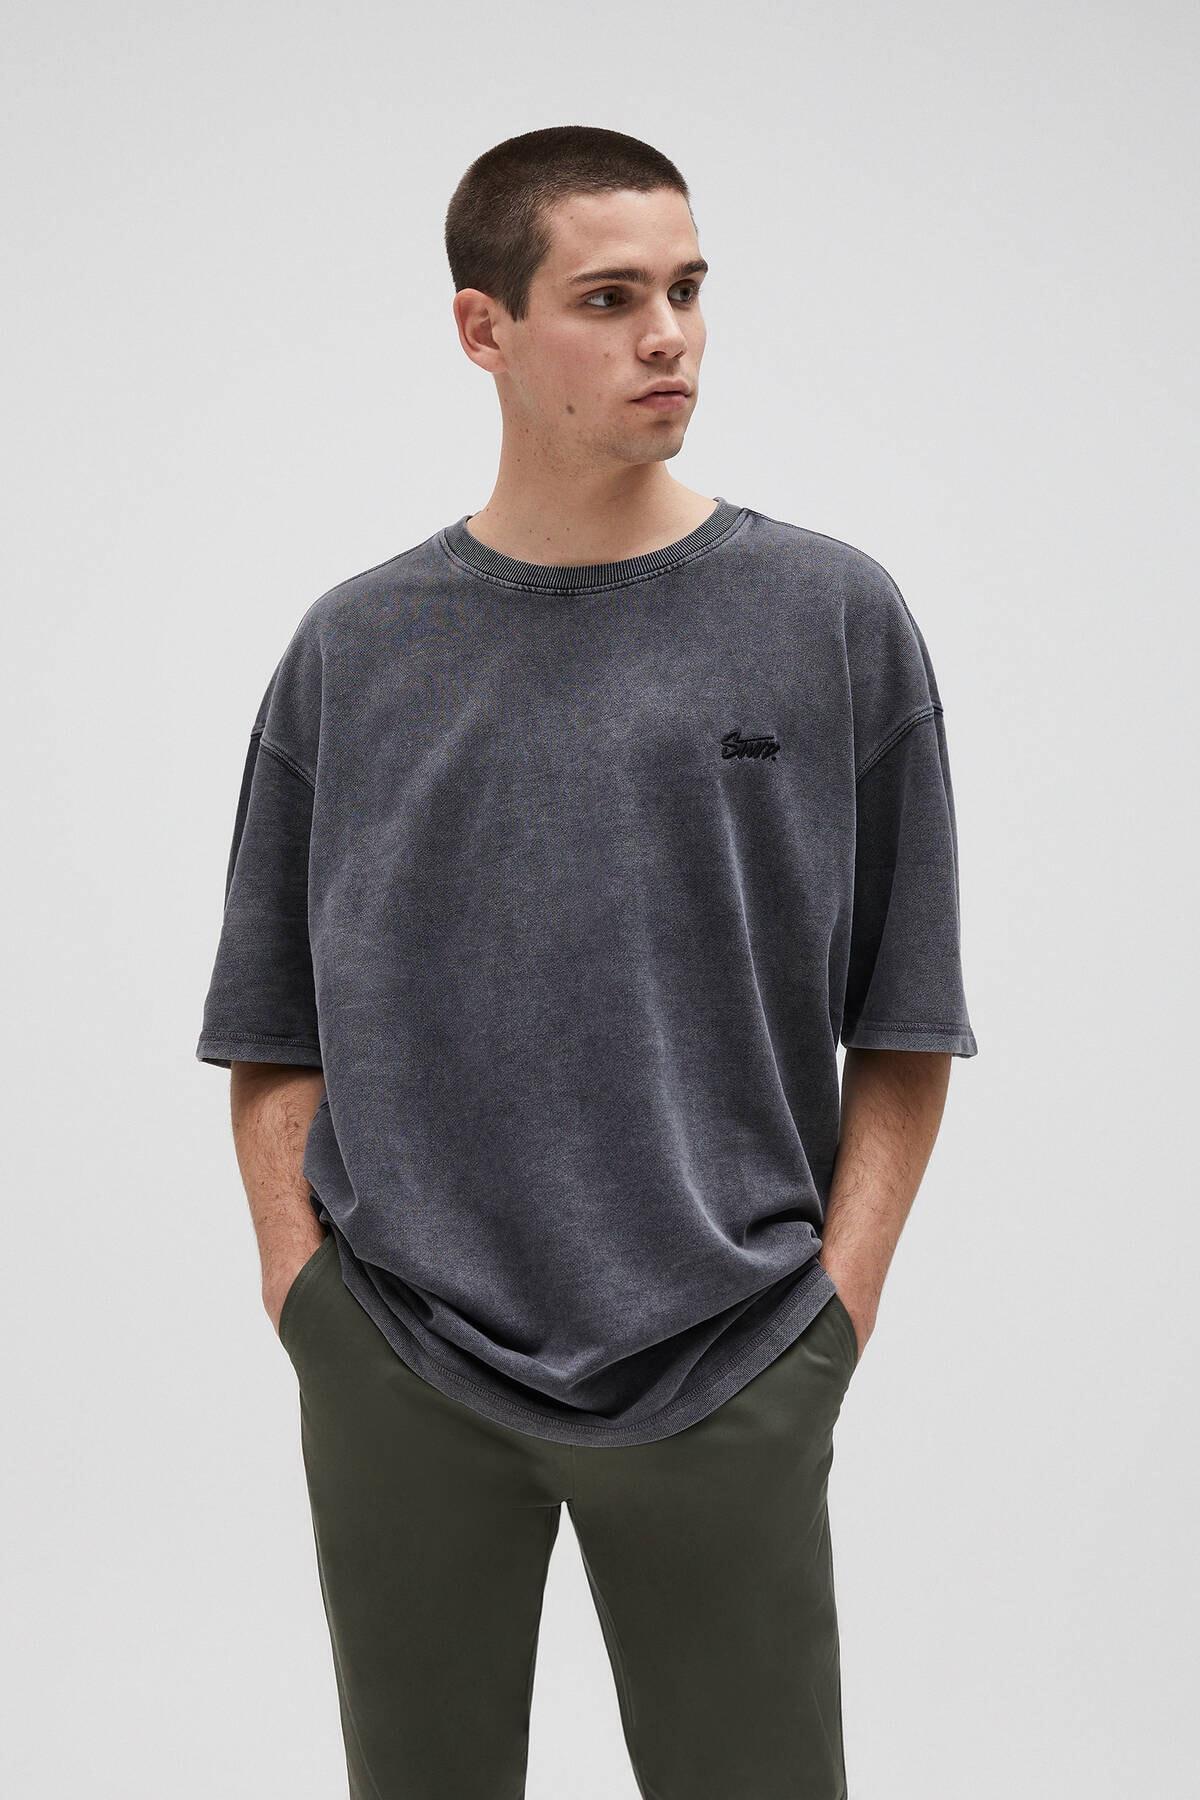 Pull & Bear Erkek Siyah Penye Stwd İşlemeli T-Shirt 04591520 0